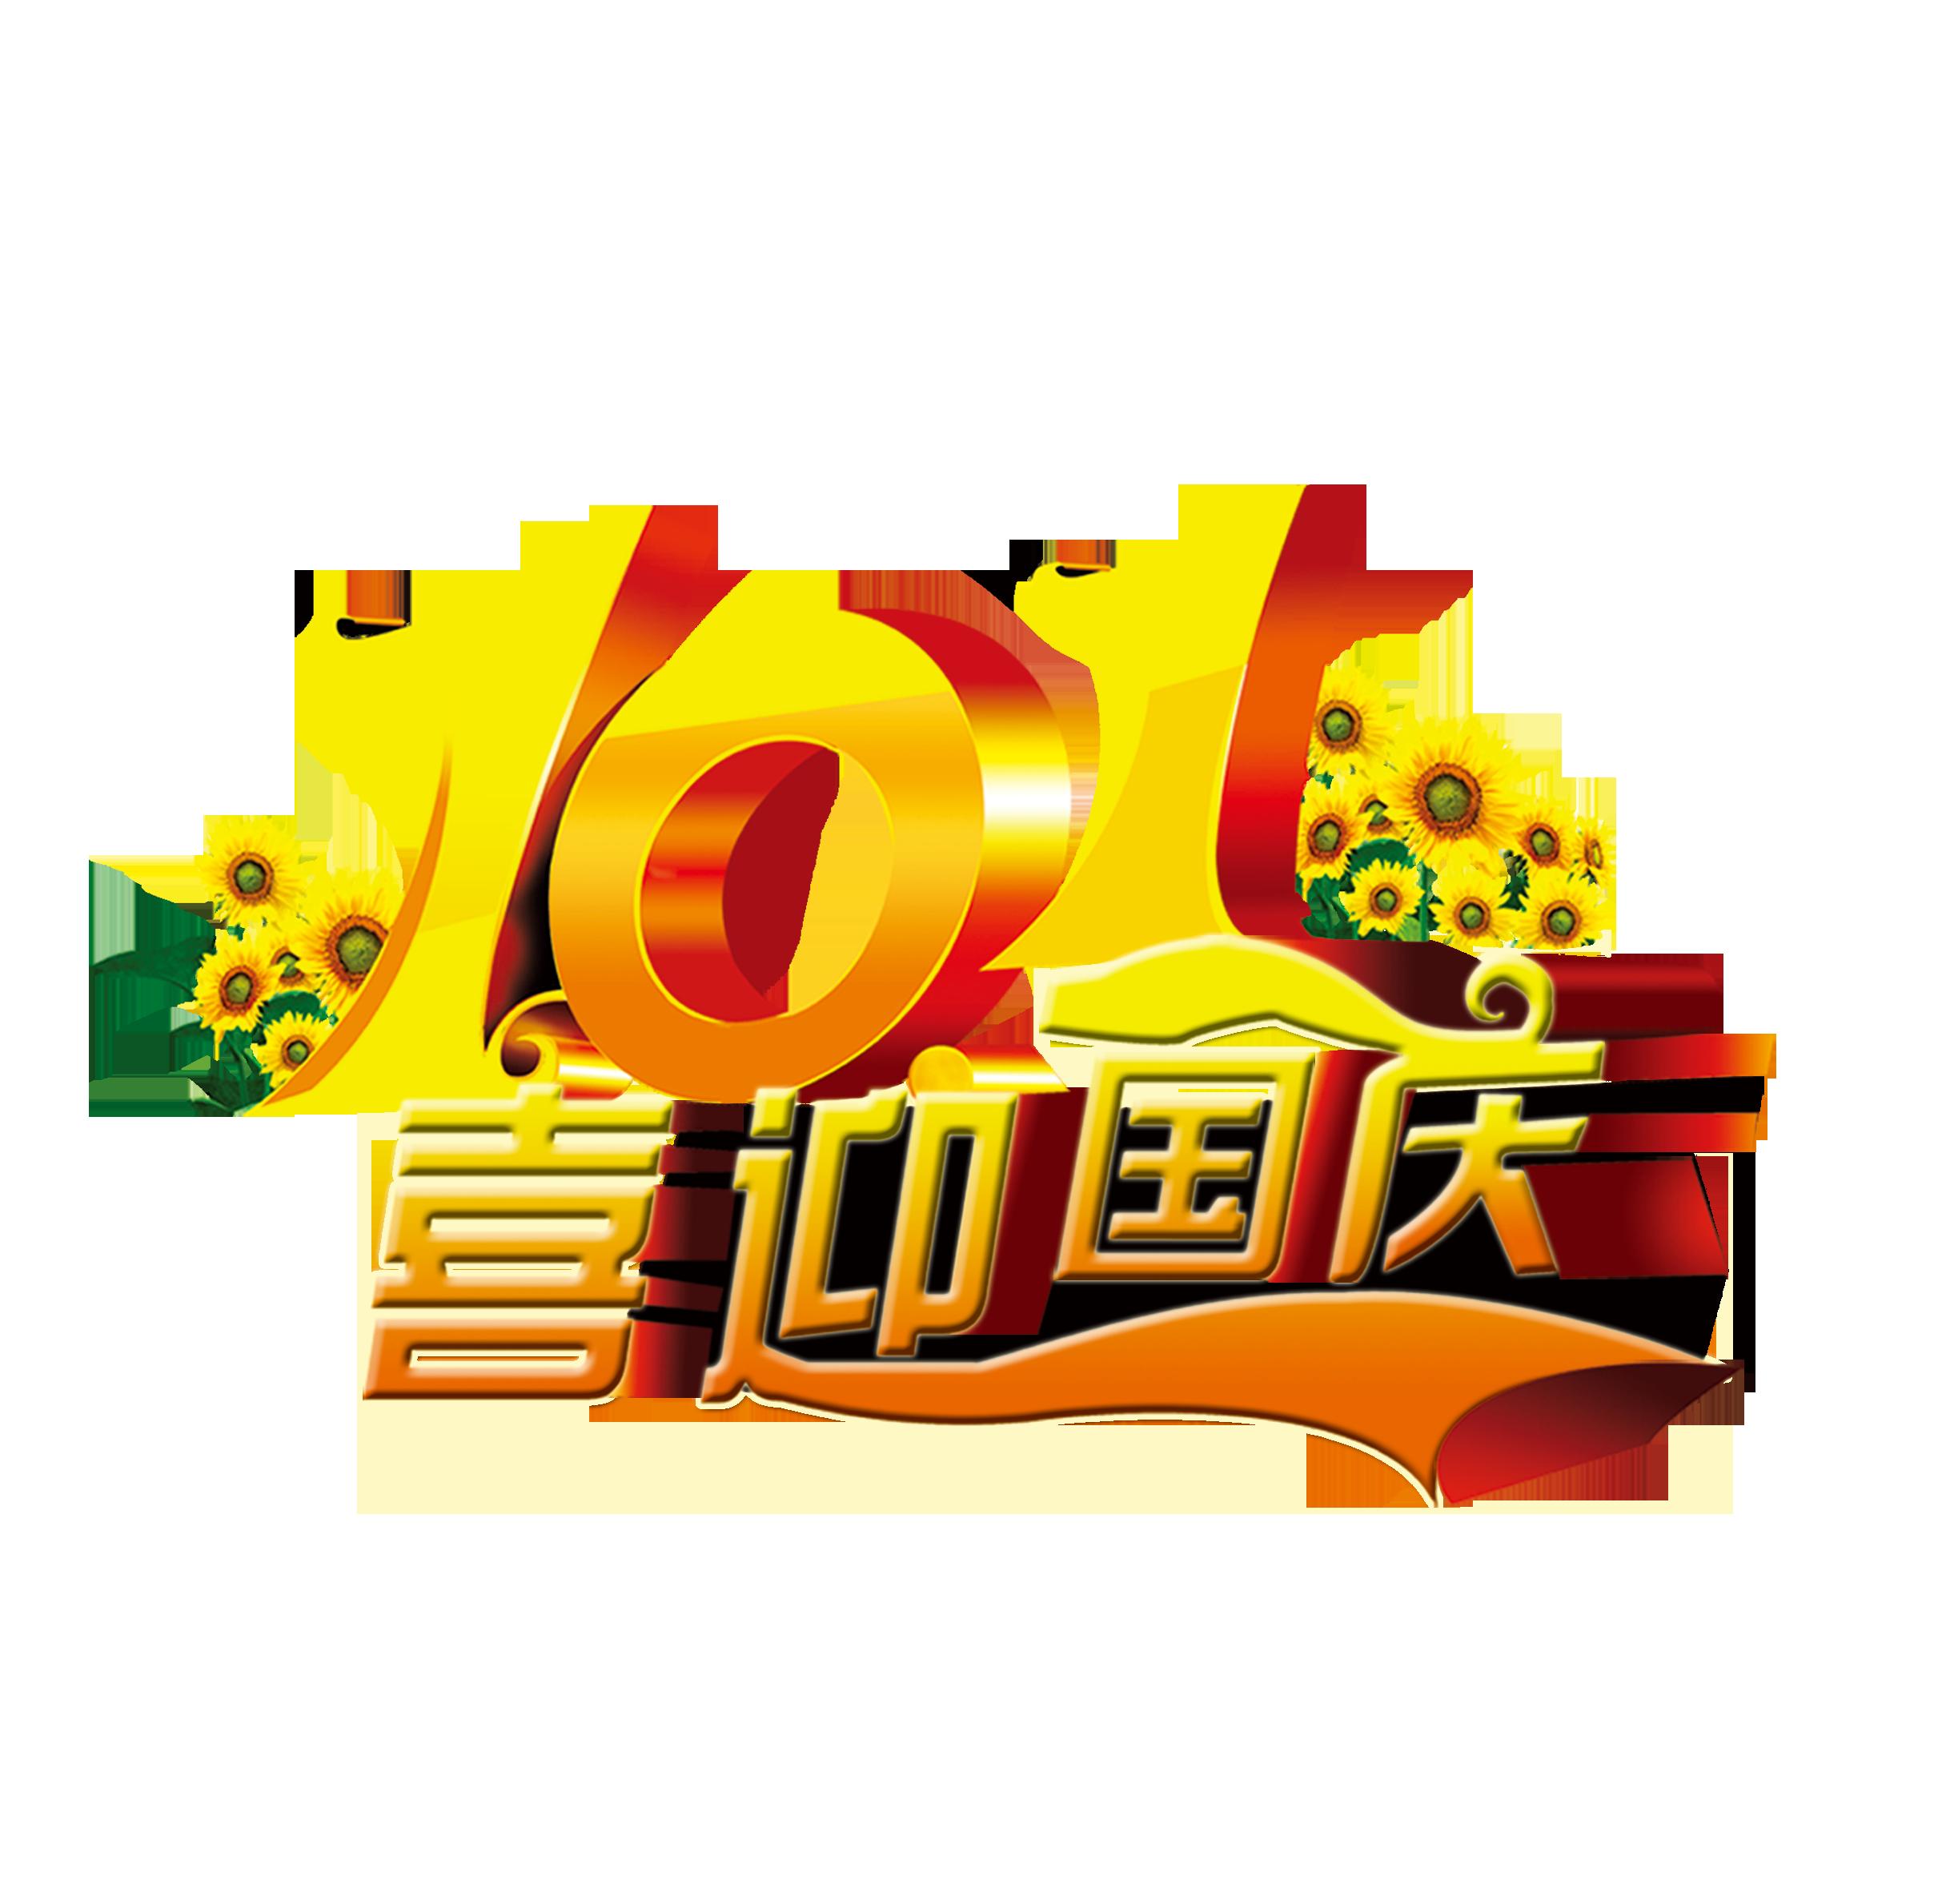 免抠图 中秋国庆端午节素材